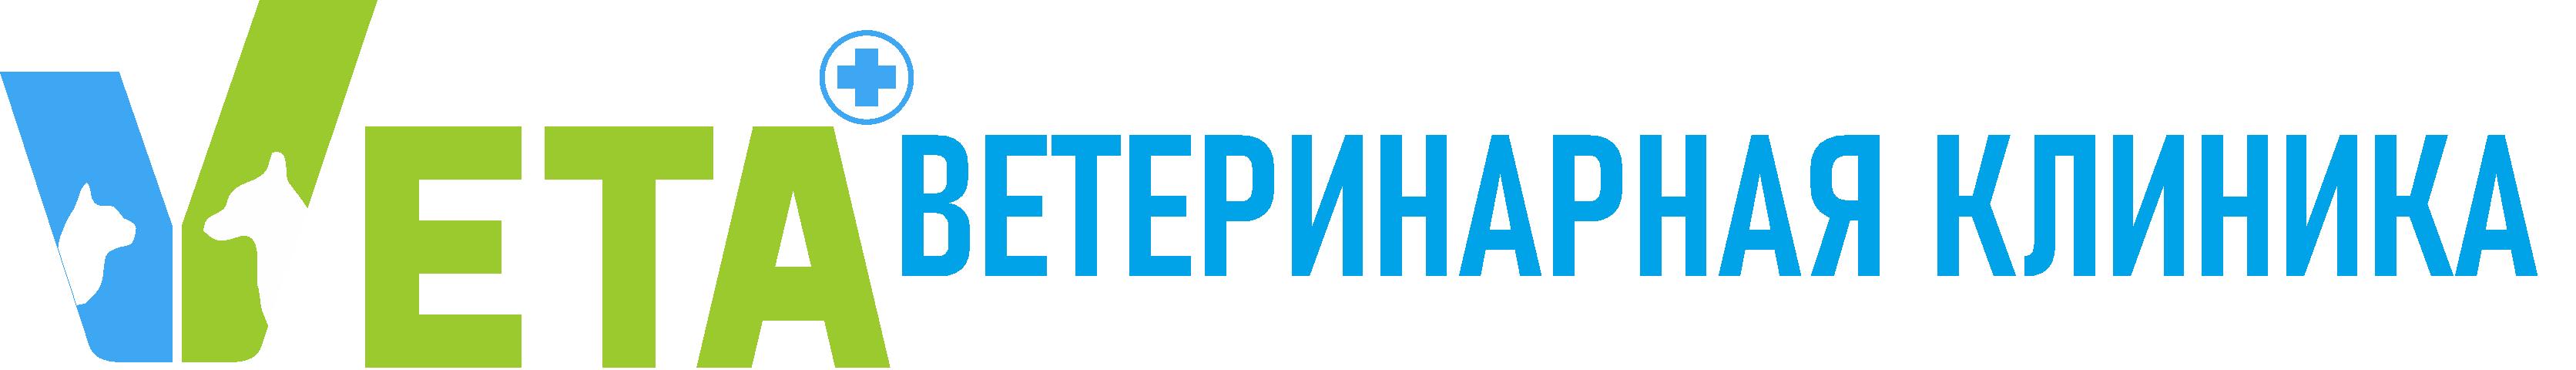 Veta — Ветеринарная клиника